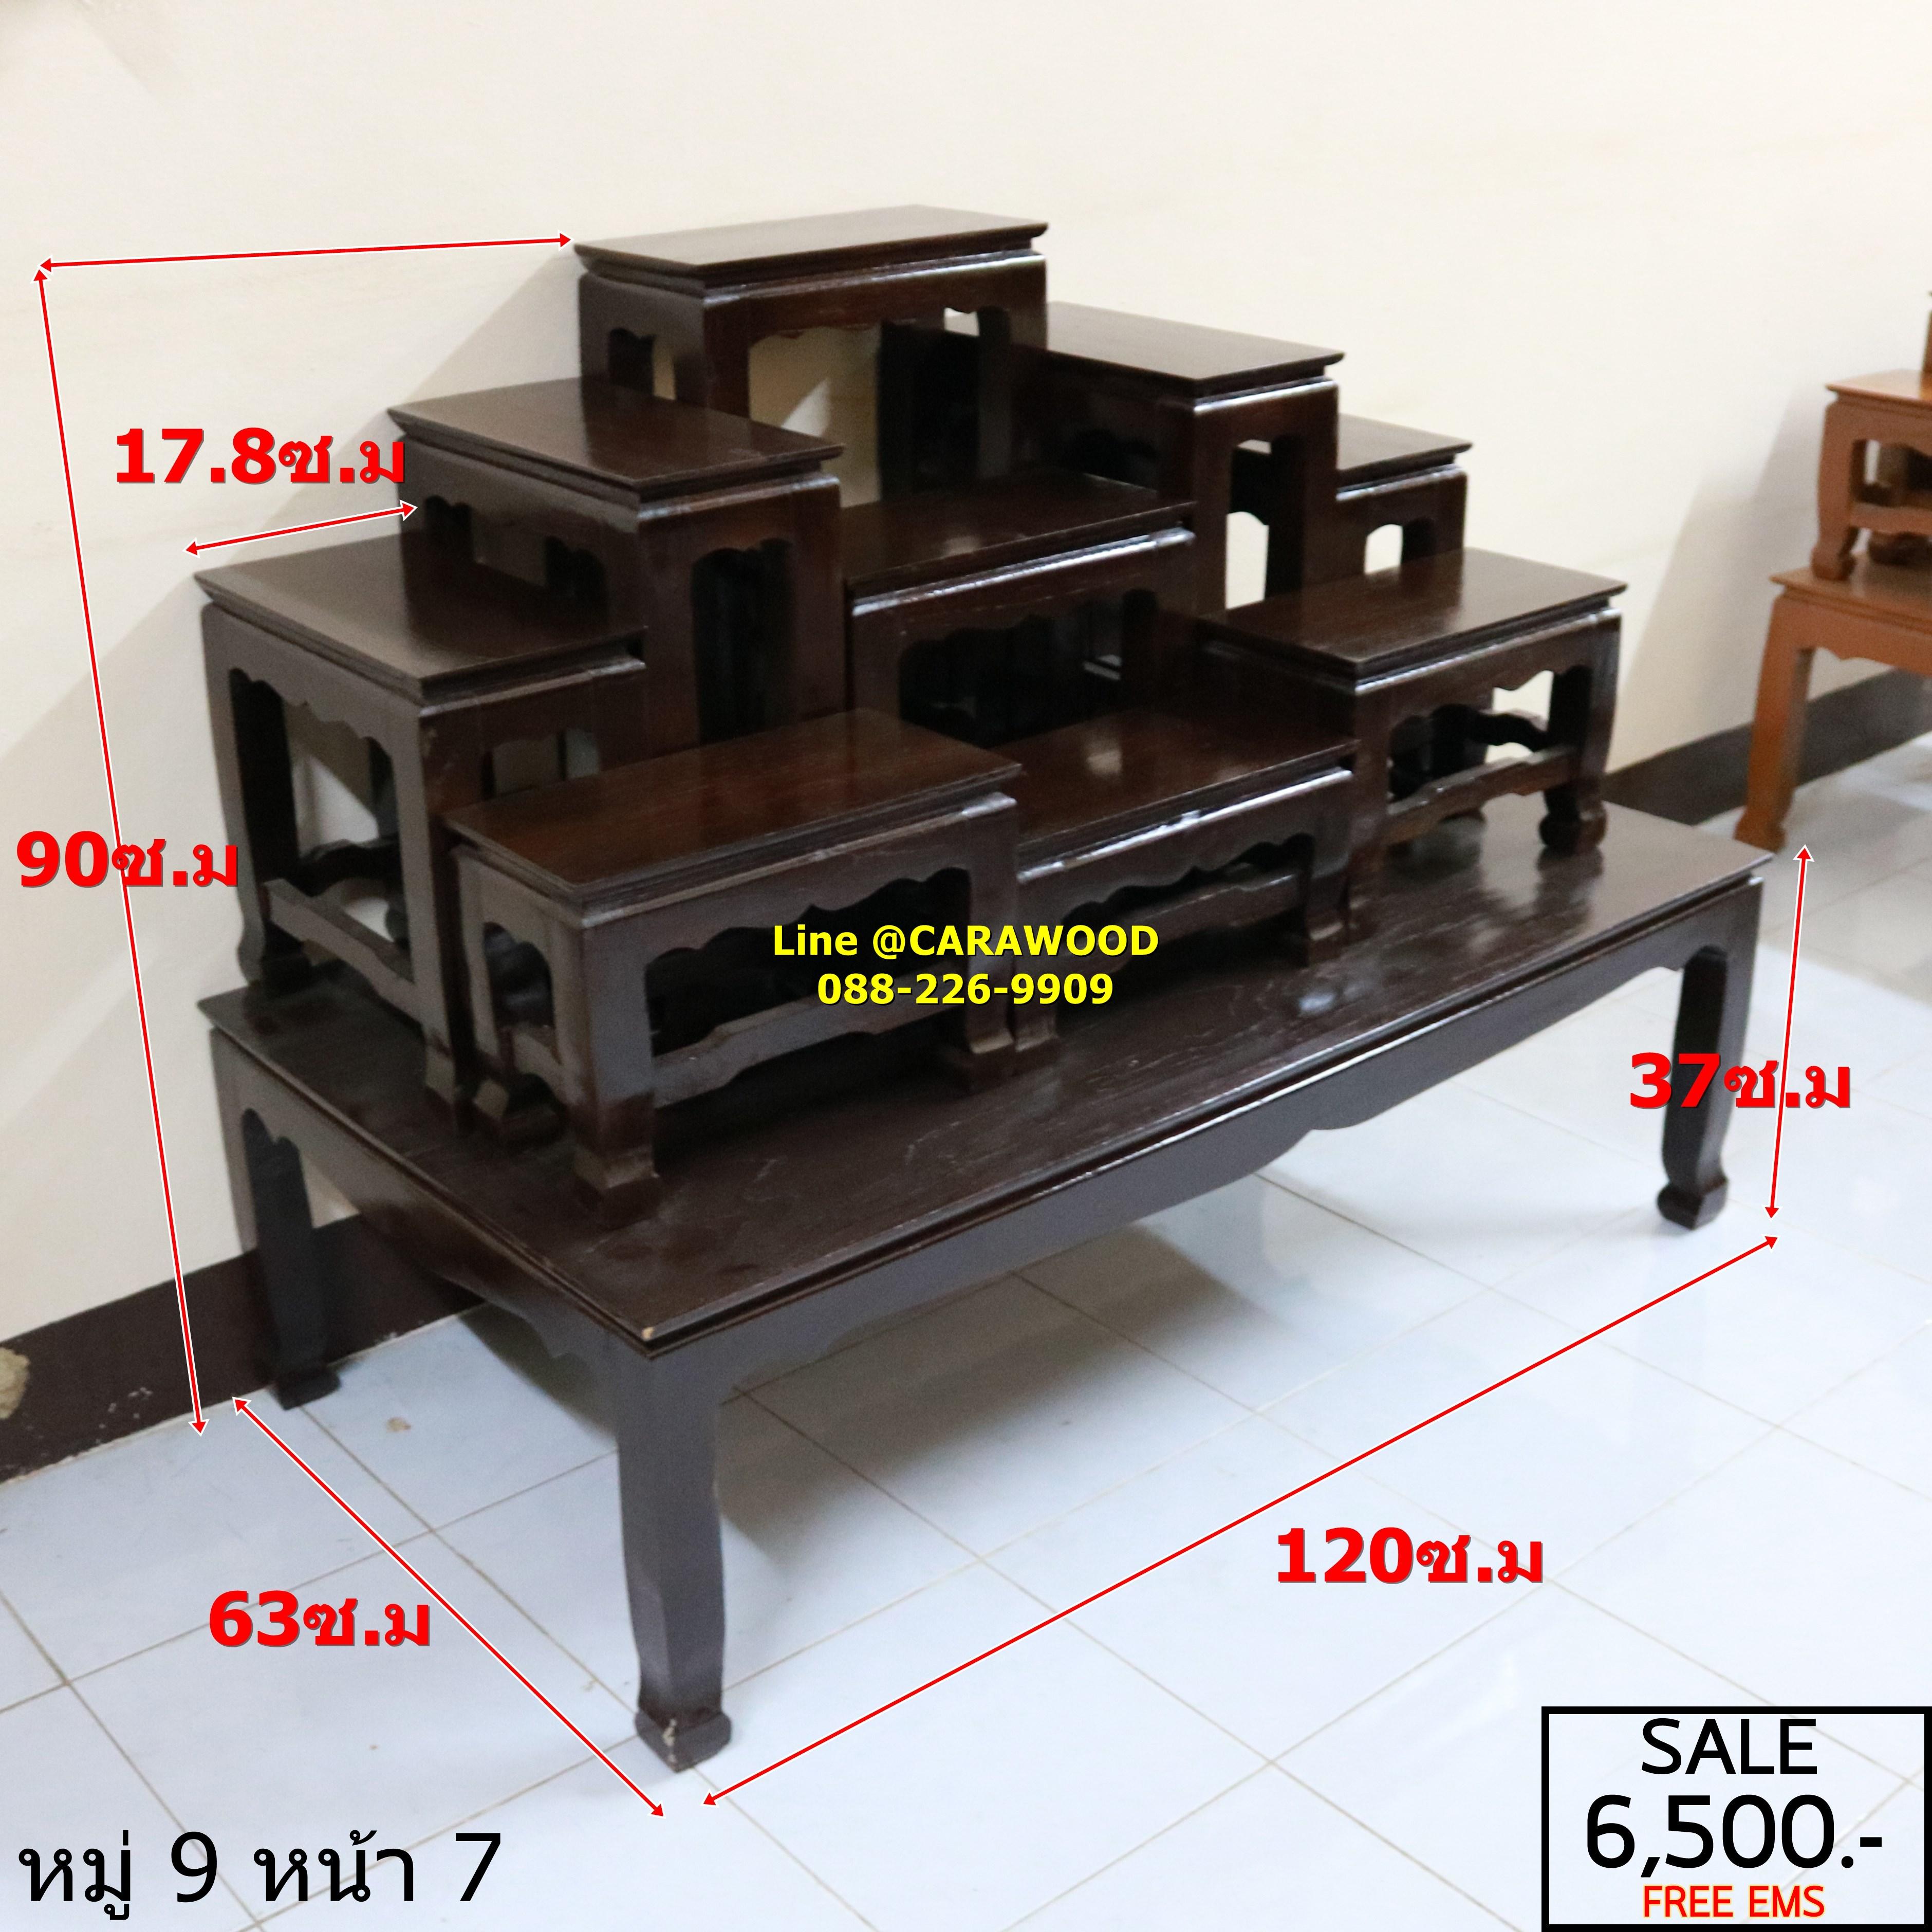 โต๊ะหมู่บูชา หมู่9 หน้า 7 ไม้สักทอง สีโอ๊ค